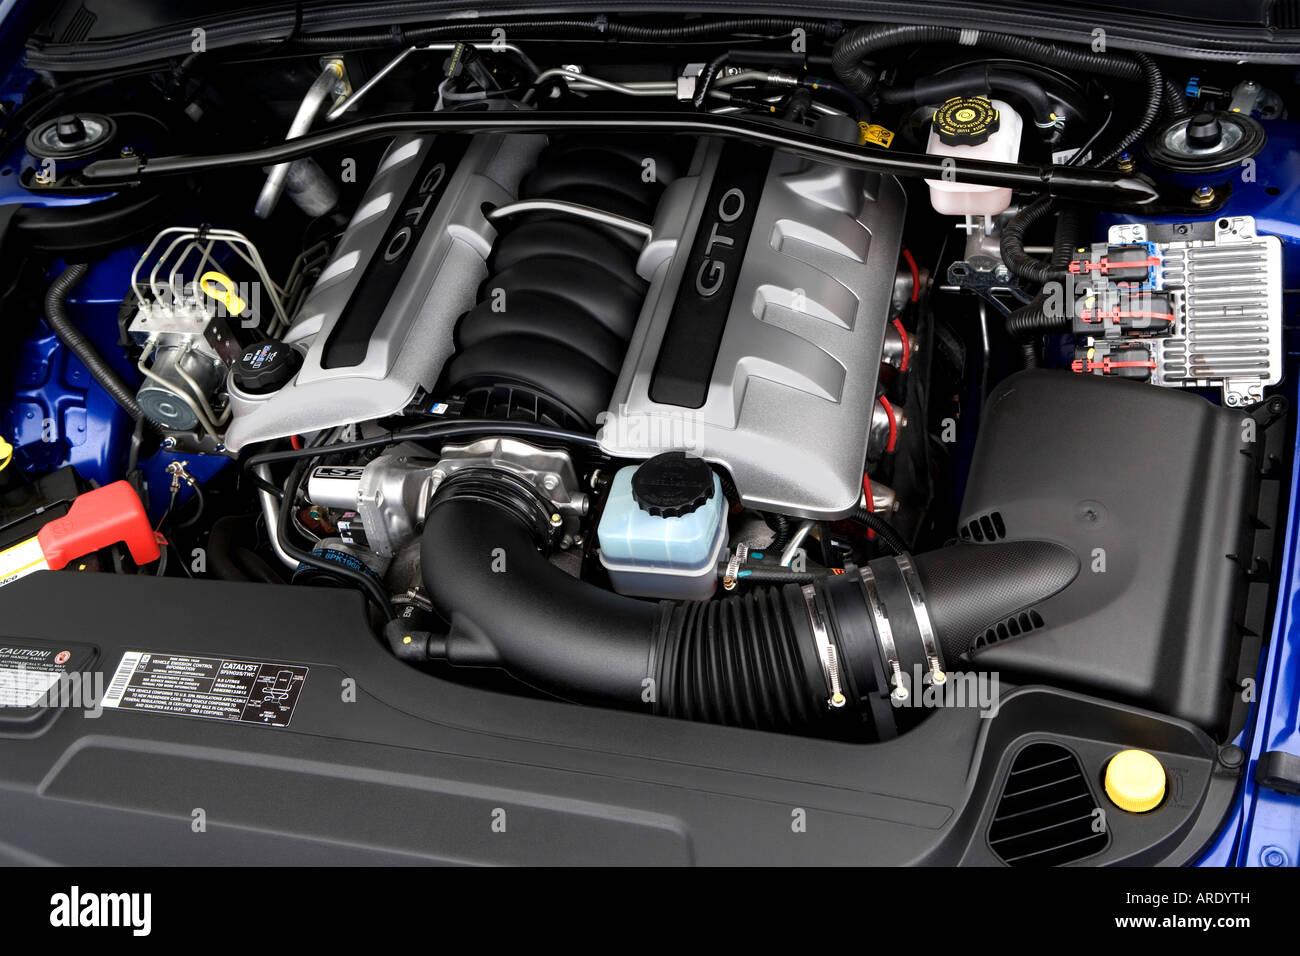 2006 Pontiac GTO in Blue - Engine Stock Photo: 16024912 - Alamy